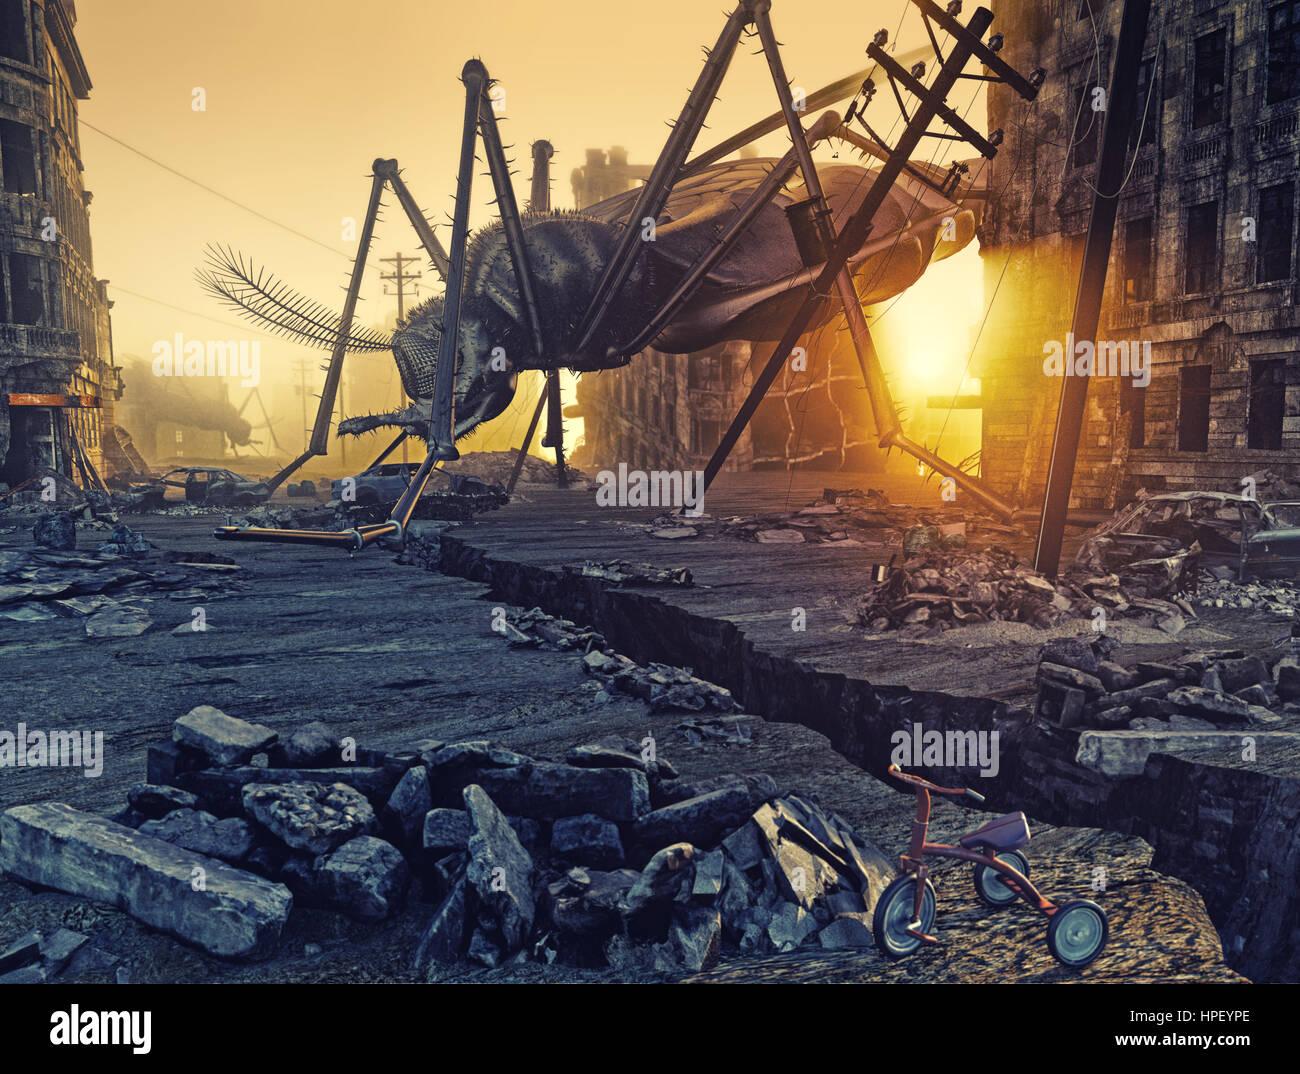 Gli insetti giganti per distruggere la città. 3D concept Immagini Stock